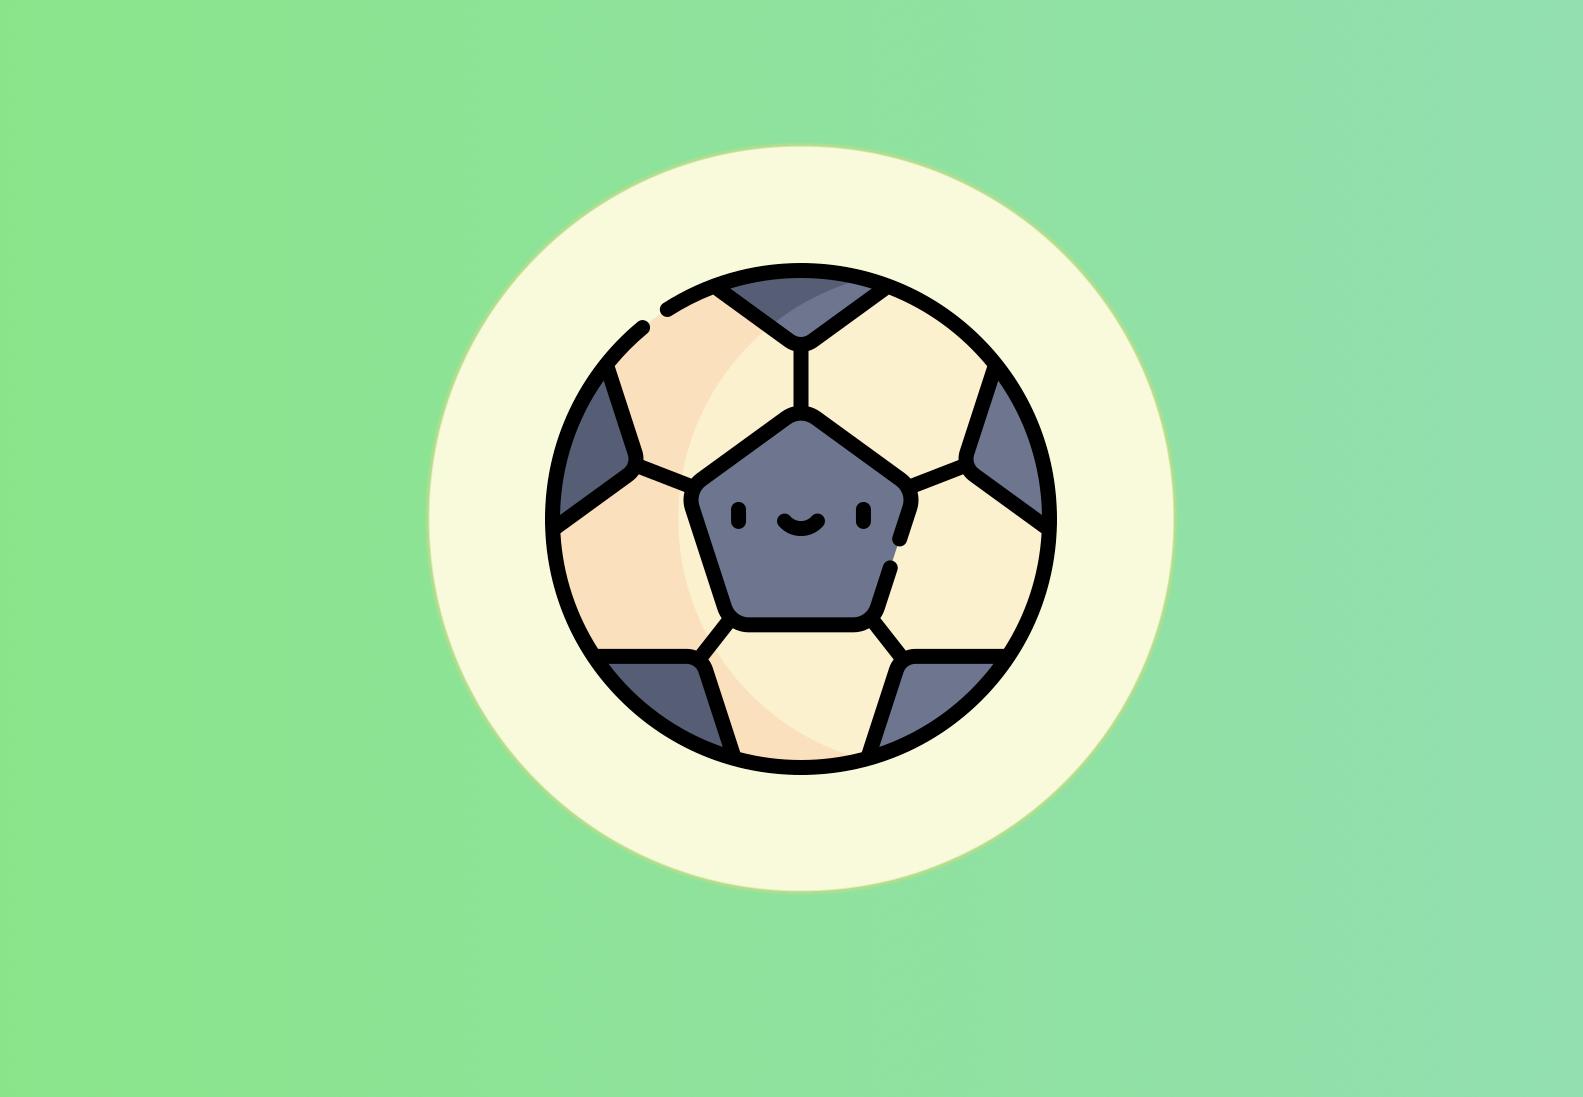 Heta tips inför fotbolls-EM 2021